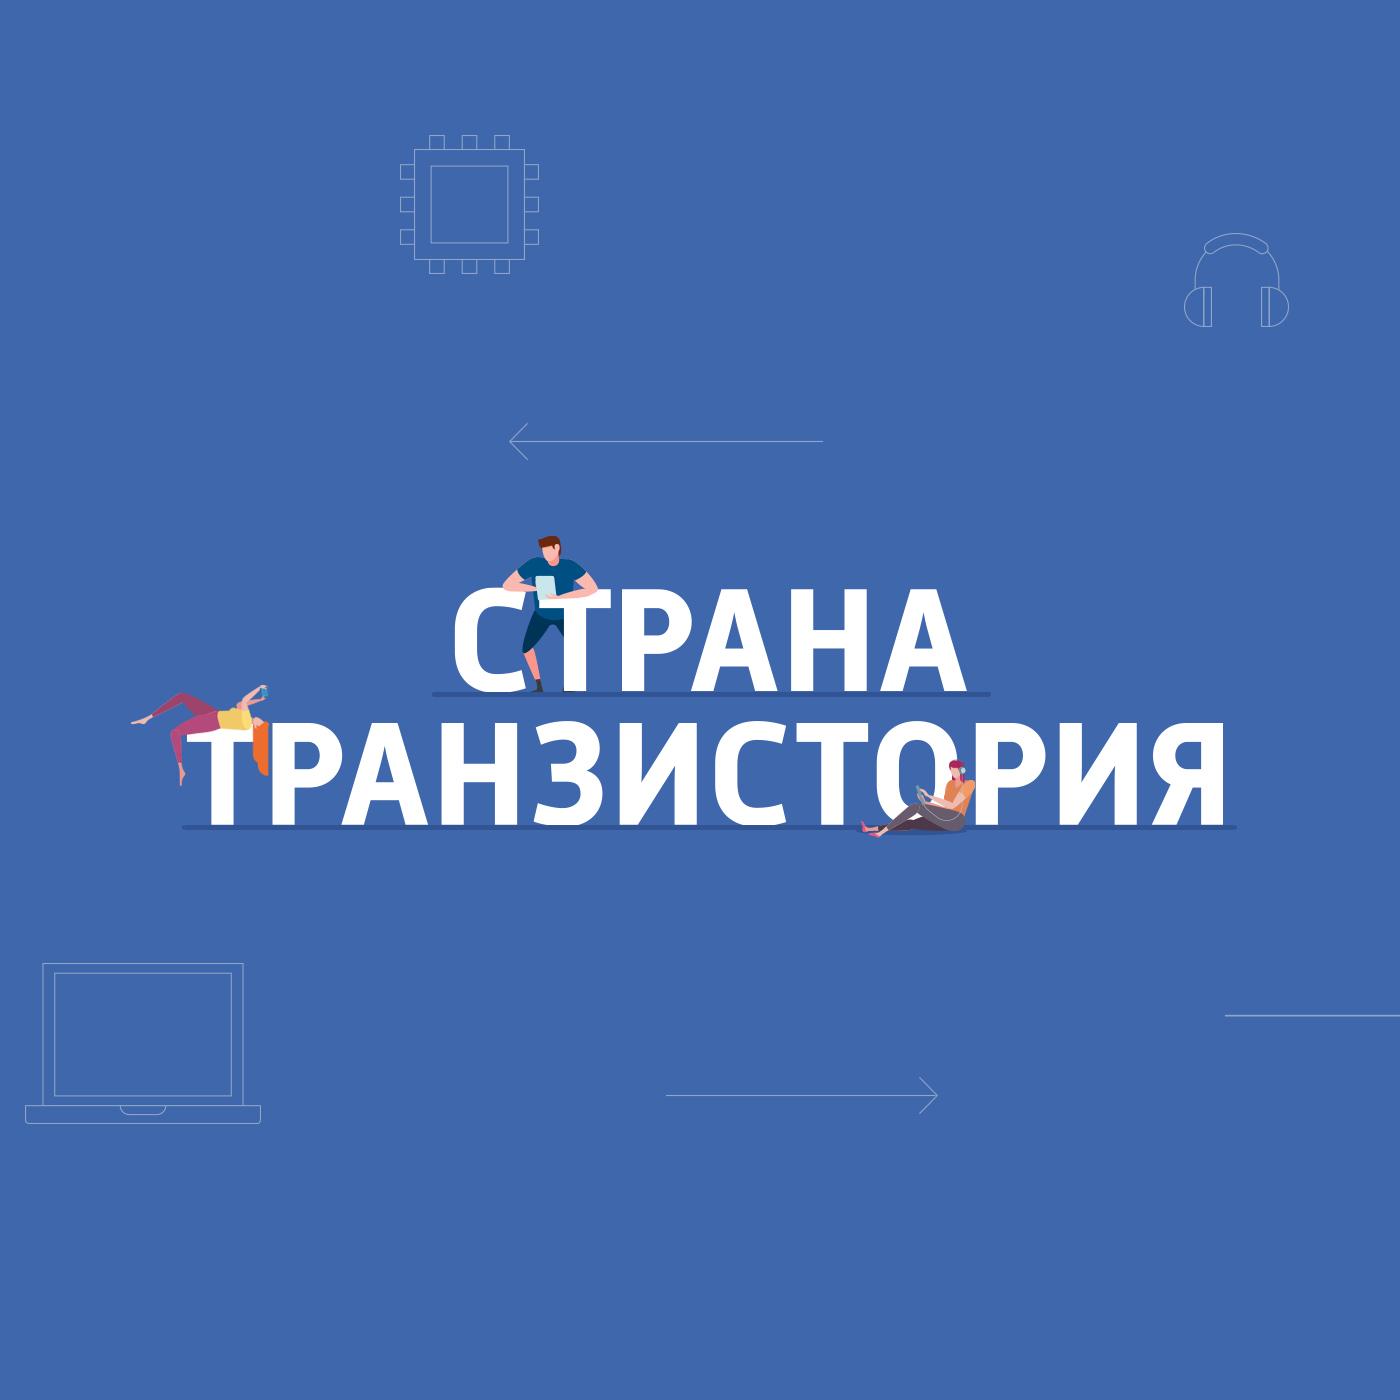 Фото - Картаев Павел В Facebook начали удалять аккаунты с поддельными фото аудиокниги